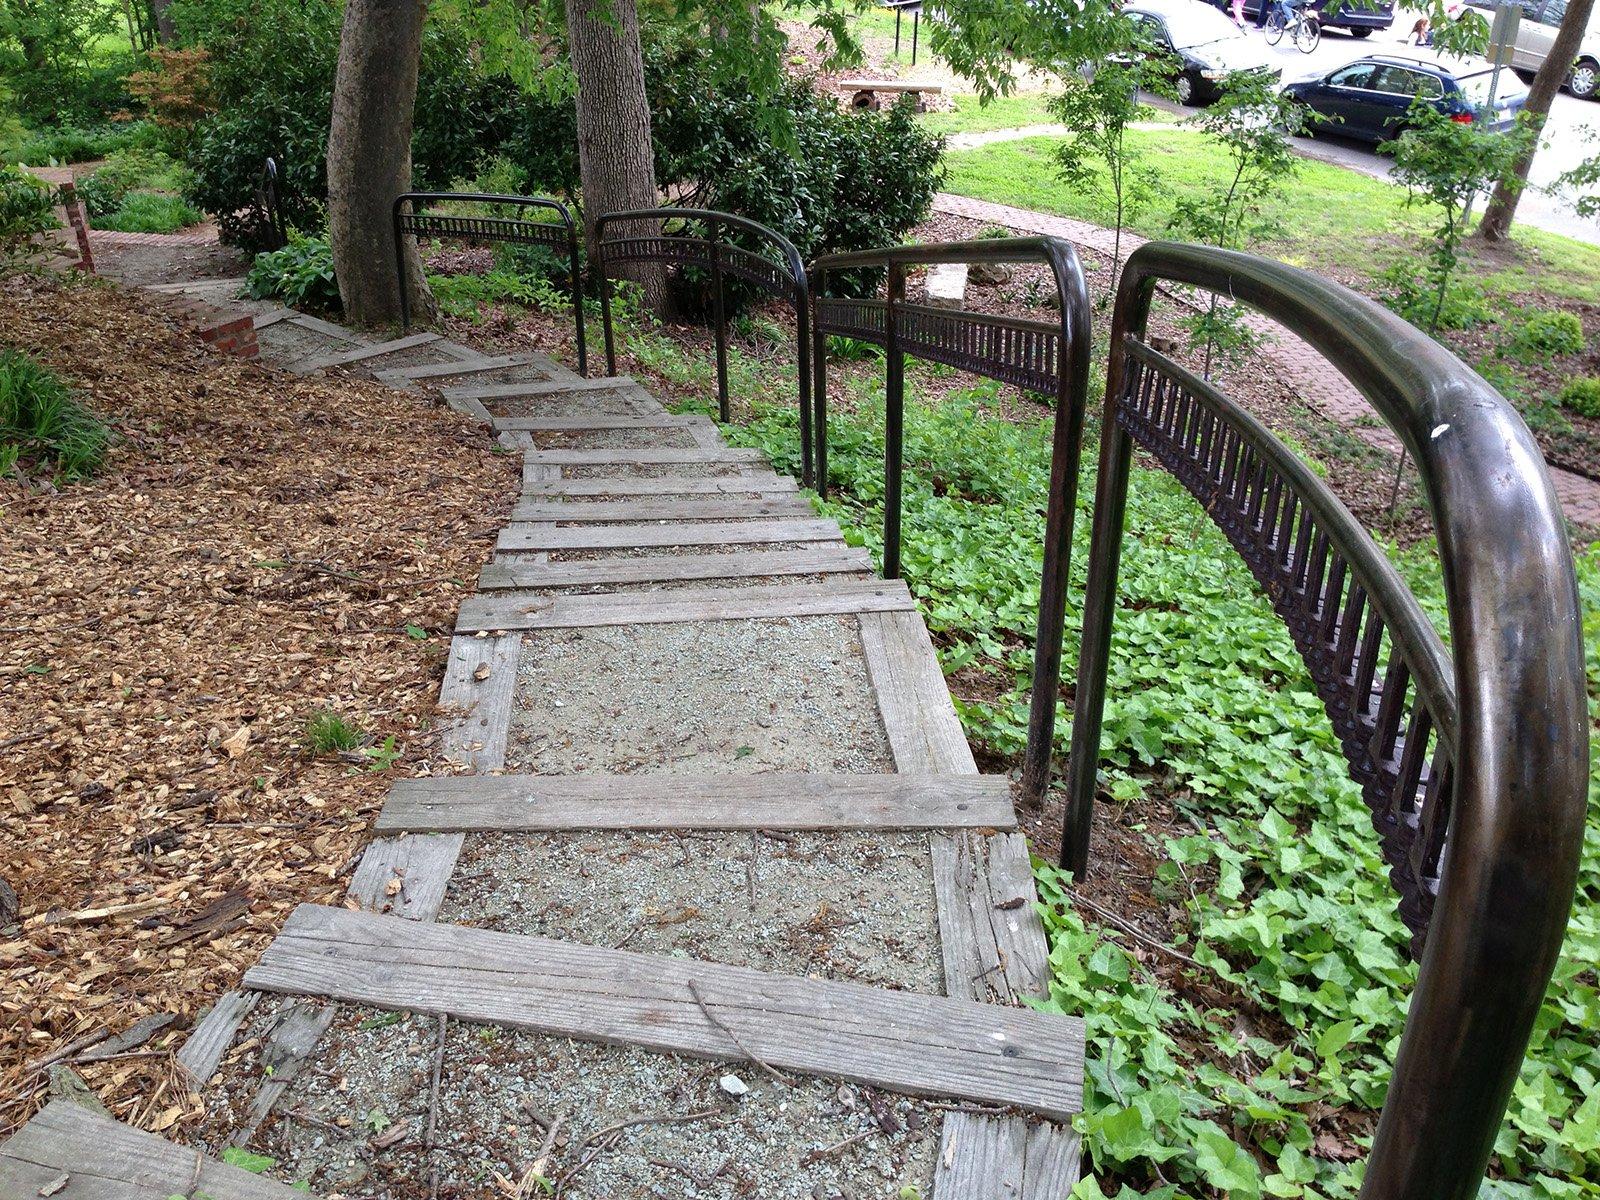 Park Story Decorative Railings Durham Central Park